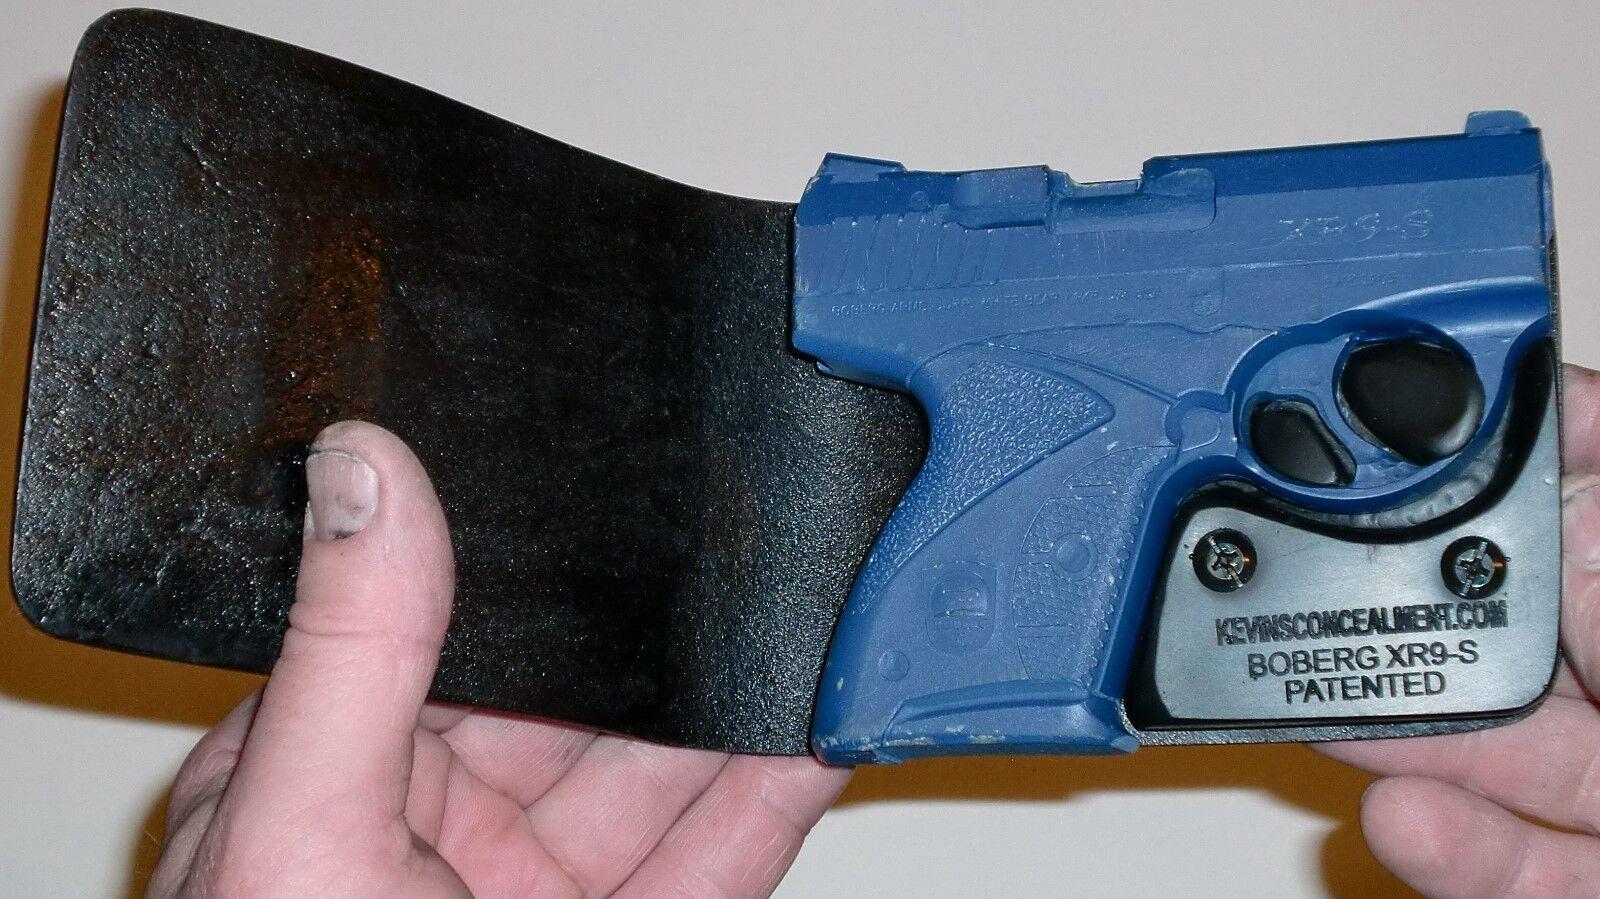 Wallet Holster For Full Concealment - Boberg XR9-S - Kevin's Concealment